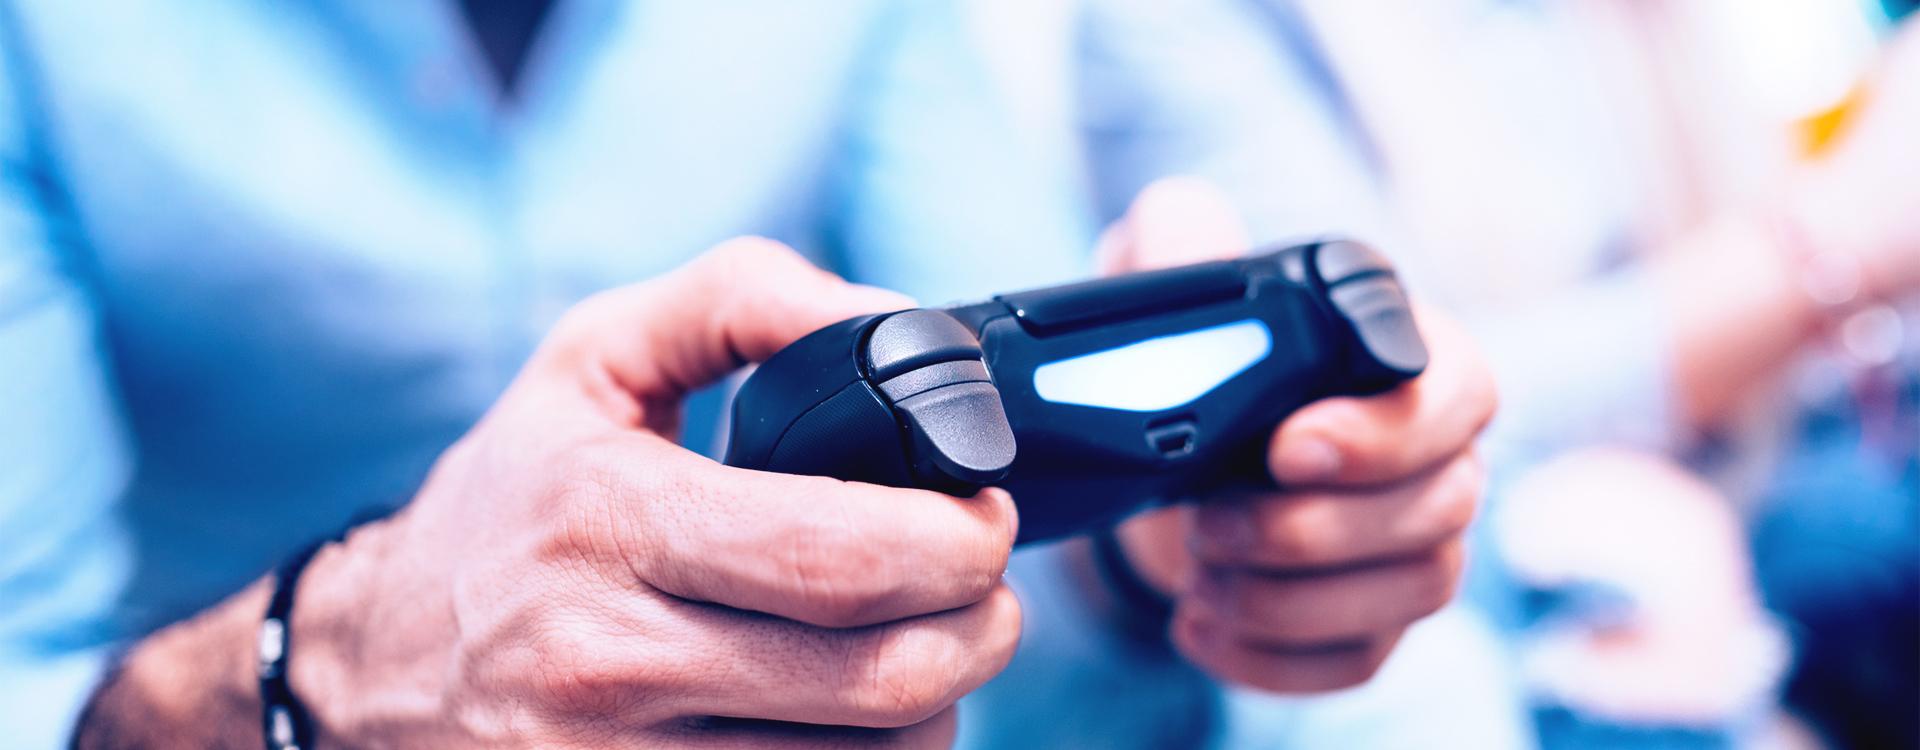 Multimedia y videojuegos